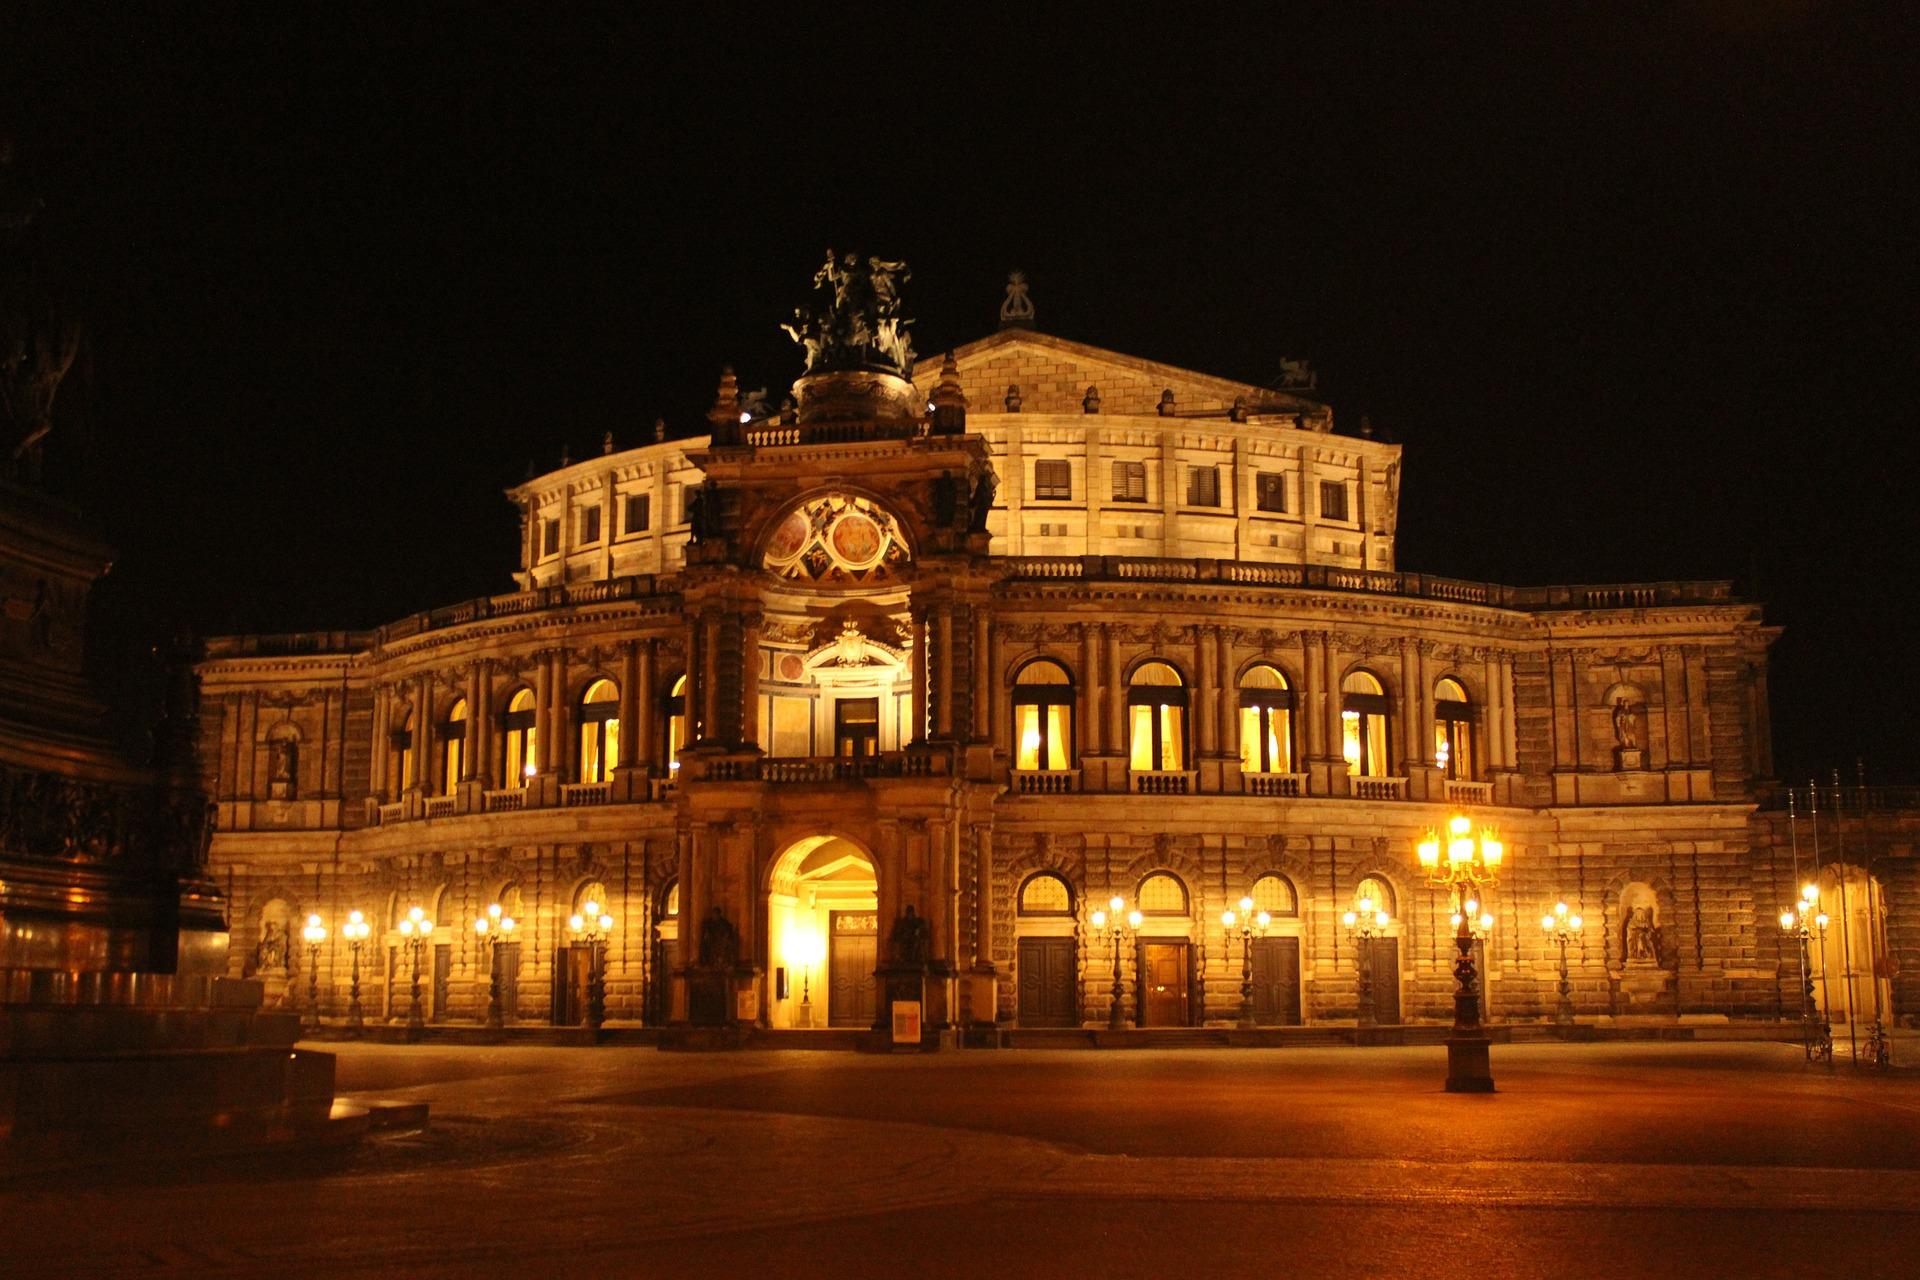 semper opera house 468652 1920 1